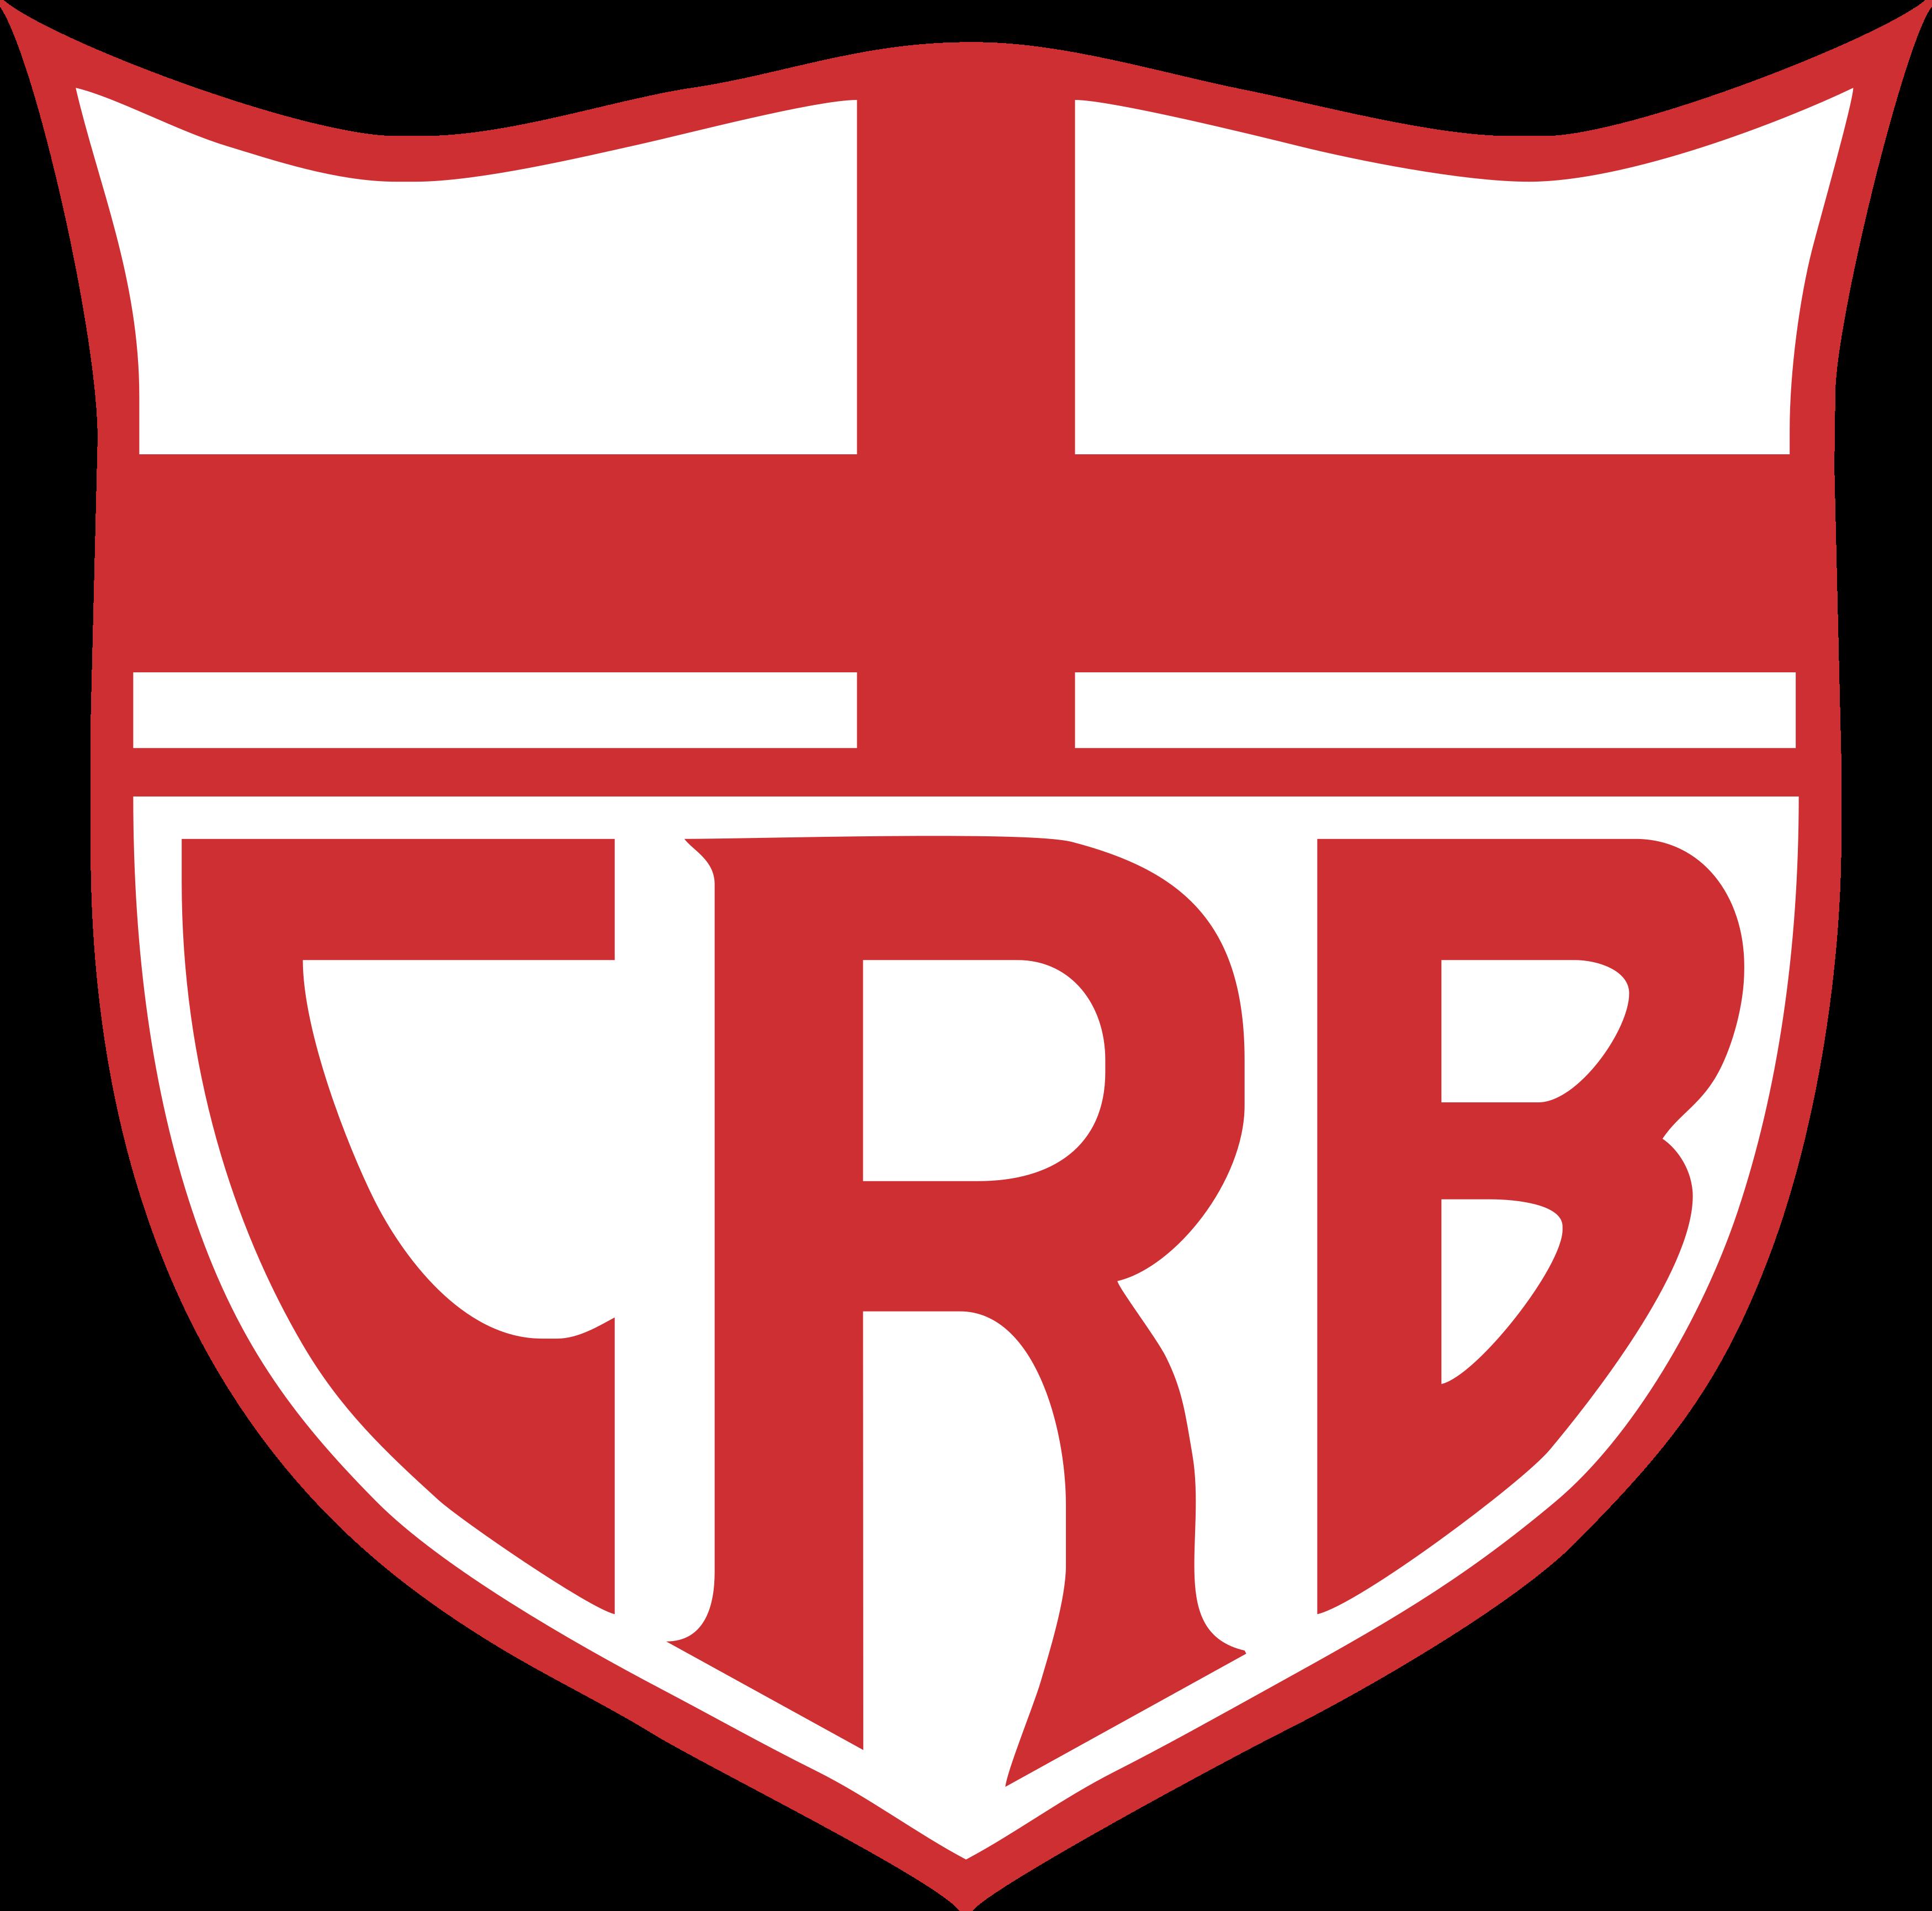 crb logo, escudo.